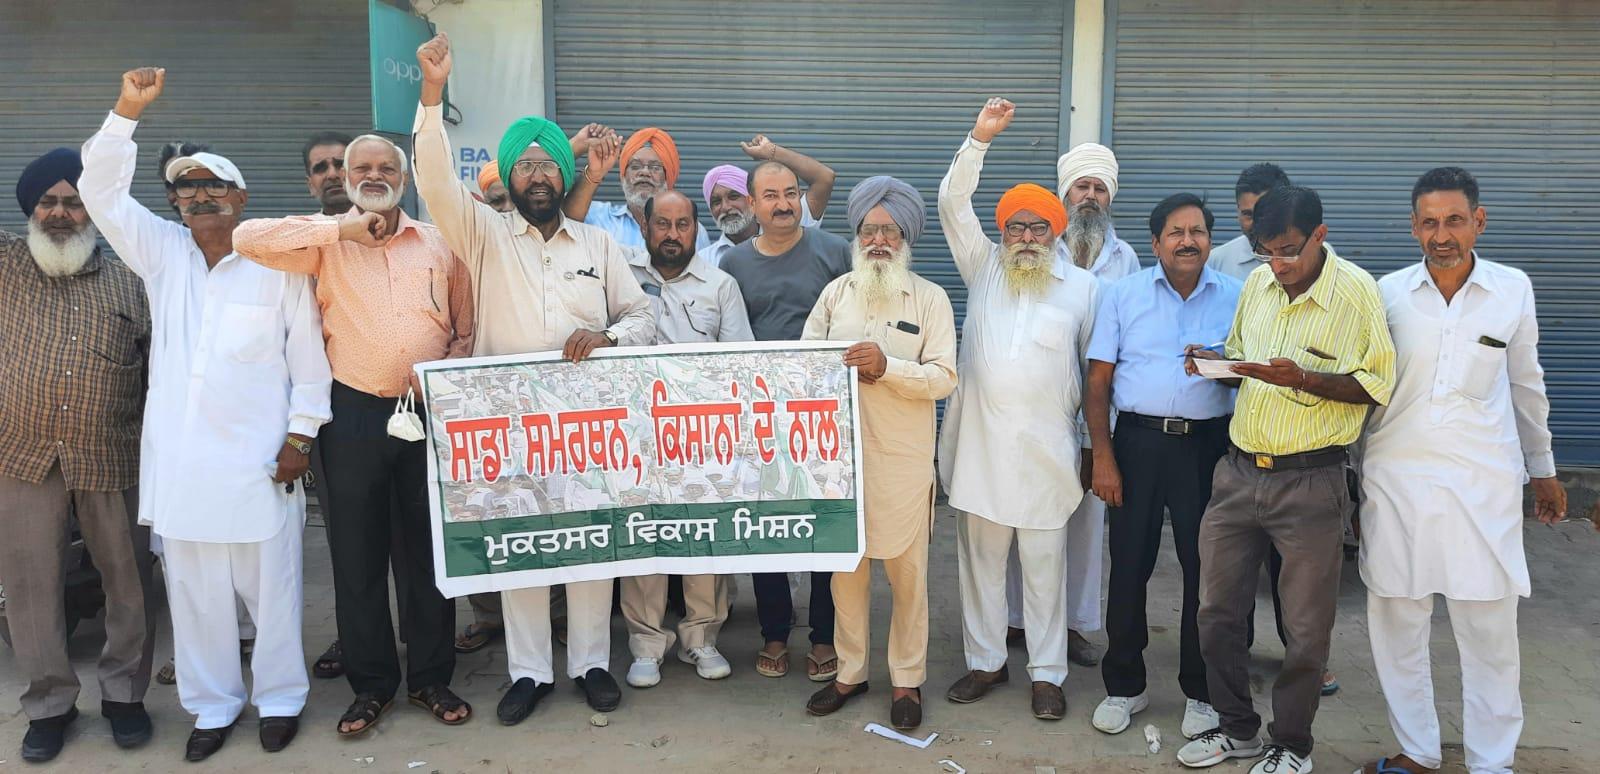 विकास मिशन और टांक कक्षत्रीय सभा द्वारा भारत बंद का समर्थन